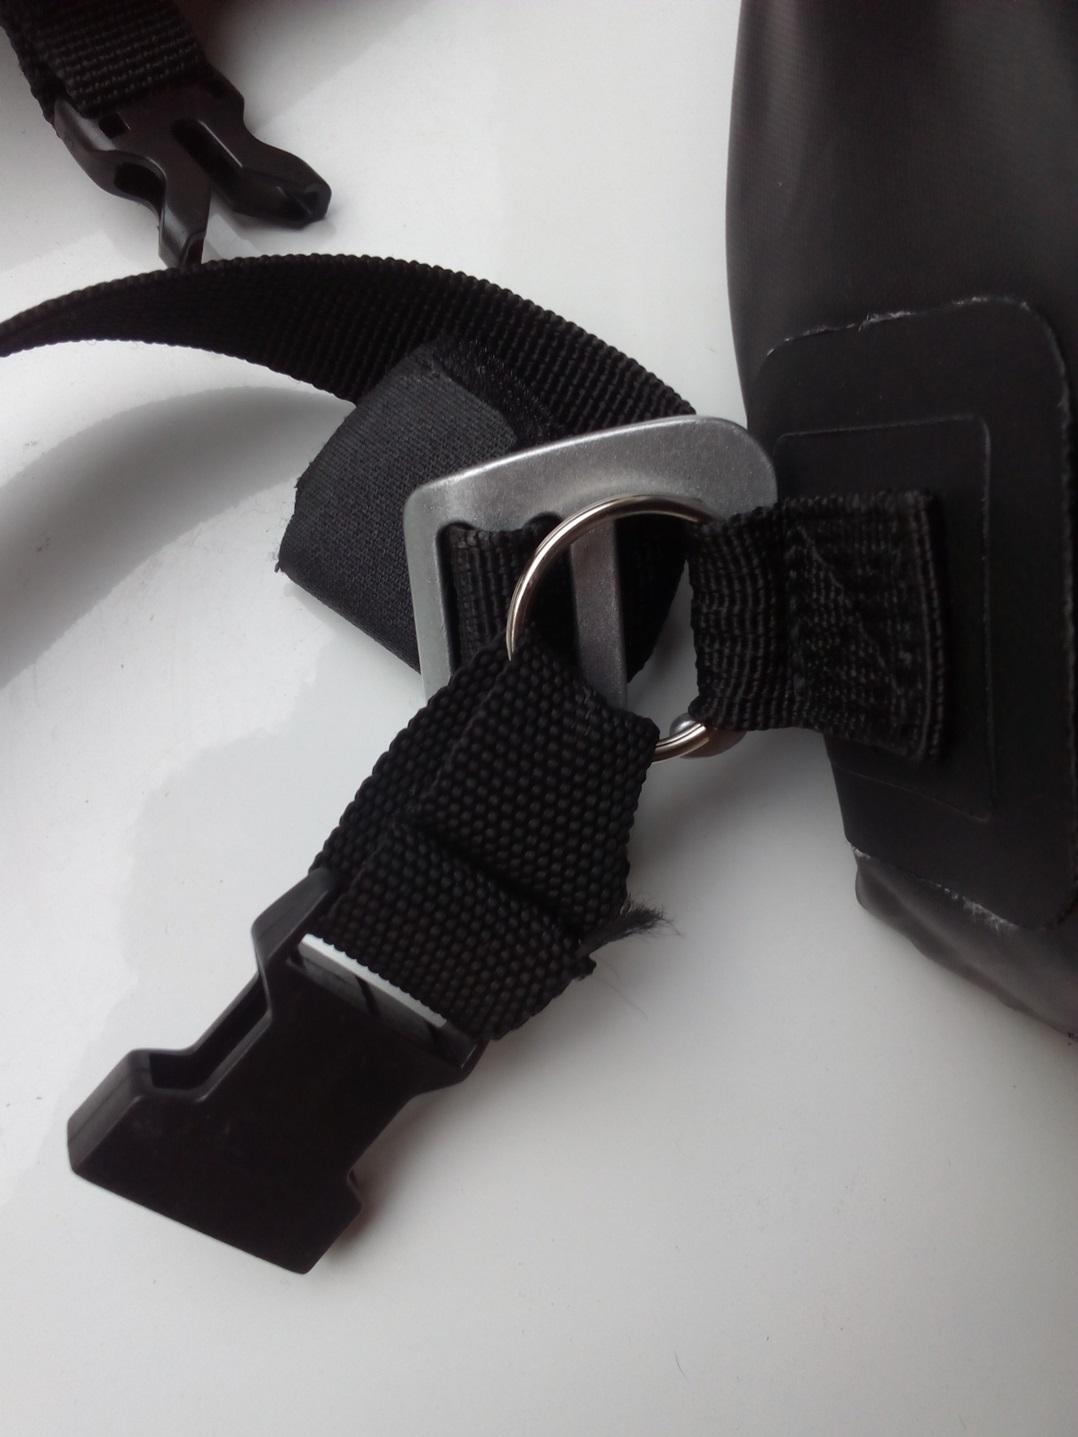 Aprovecho hebillas laterales para colocar una arandela metálica y una cinta bien cosida (por un zapatero) y hebilla